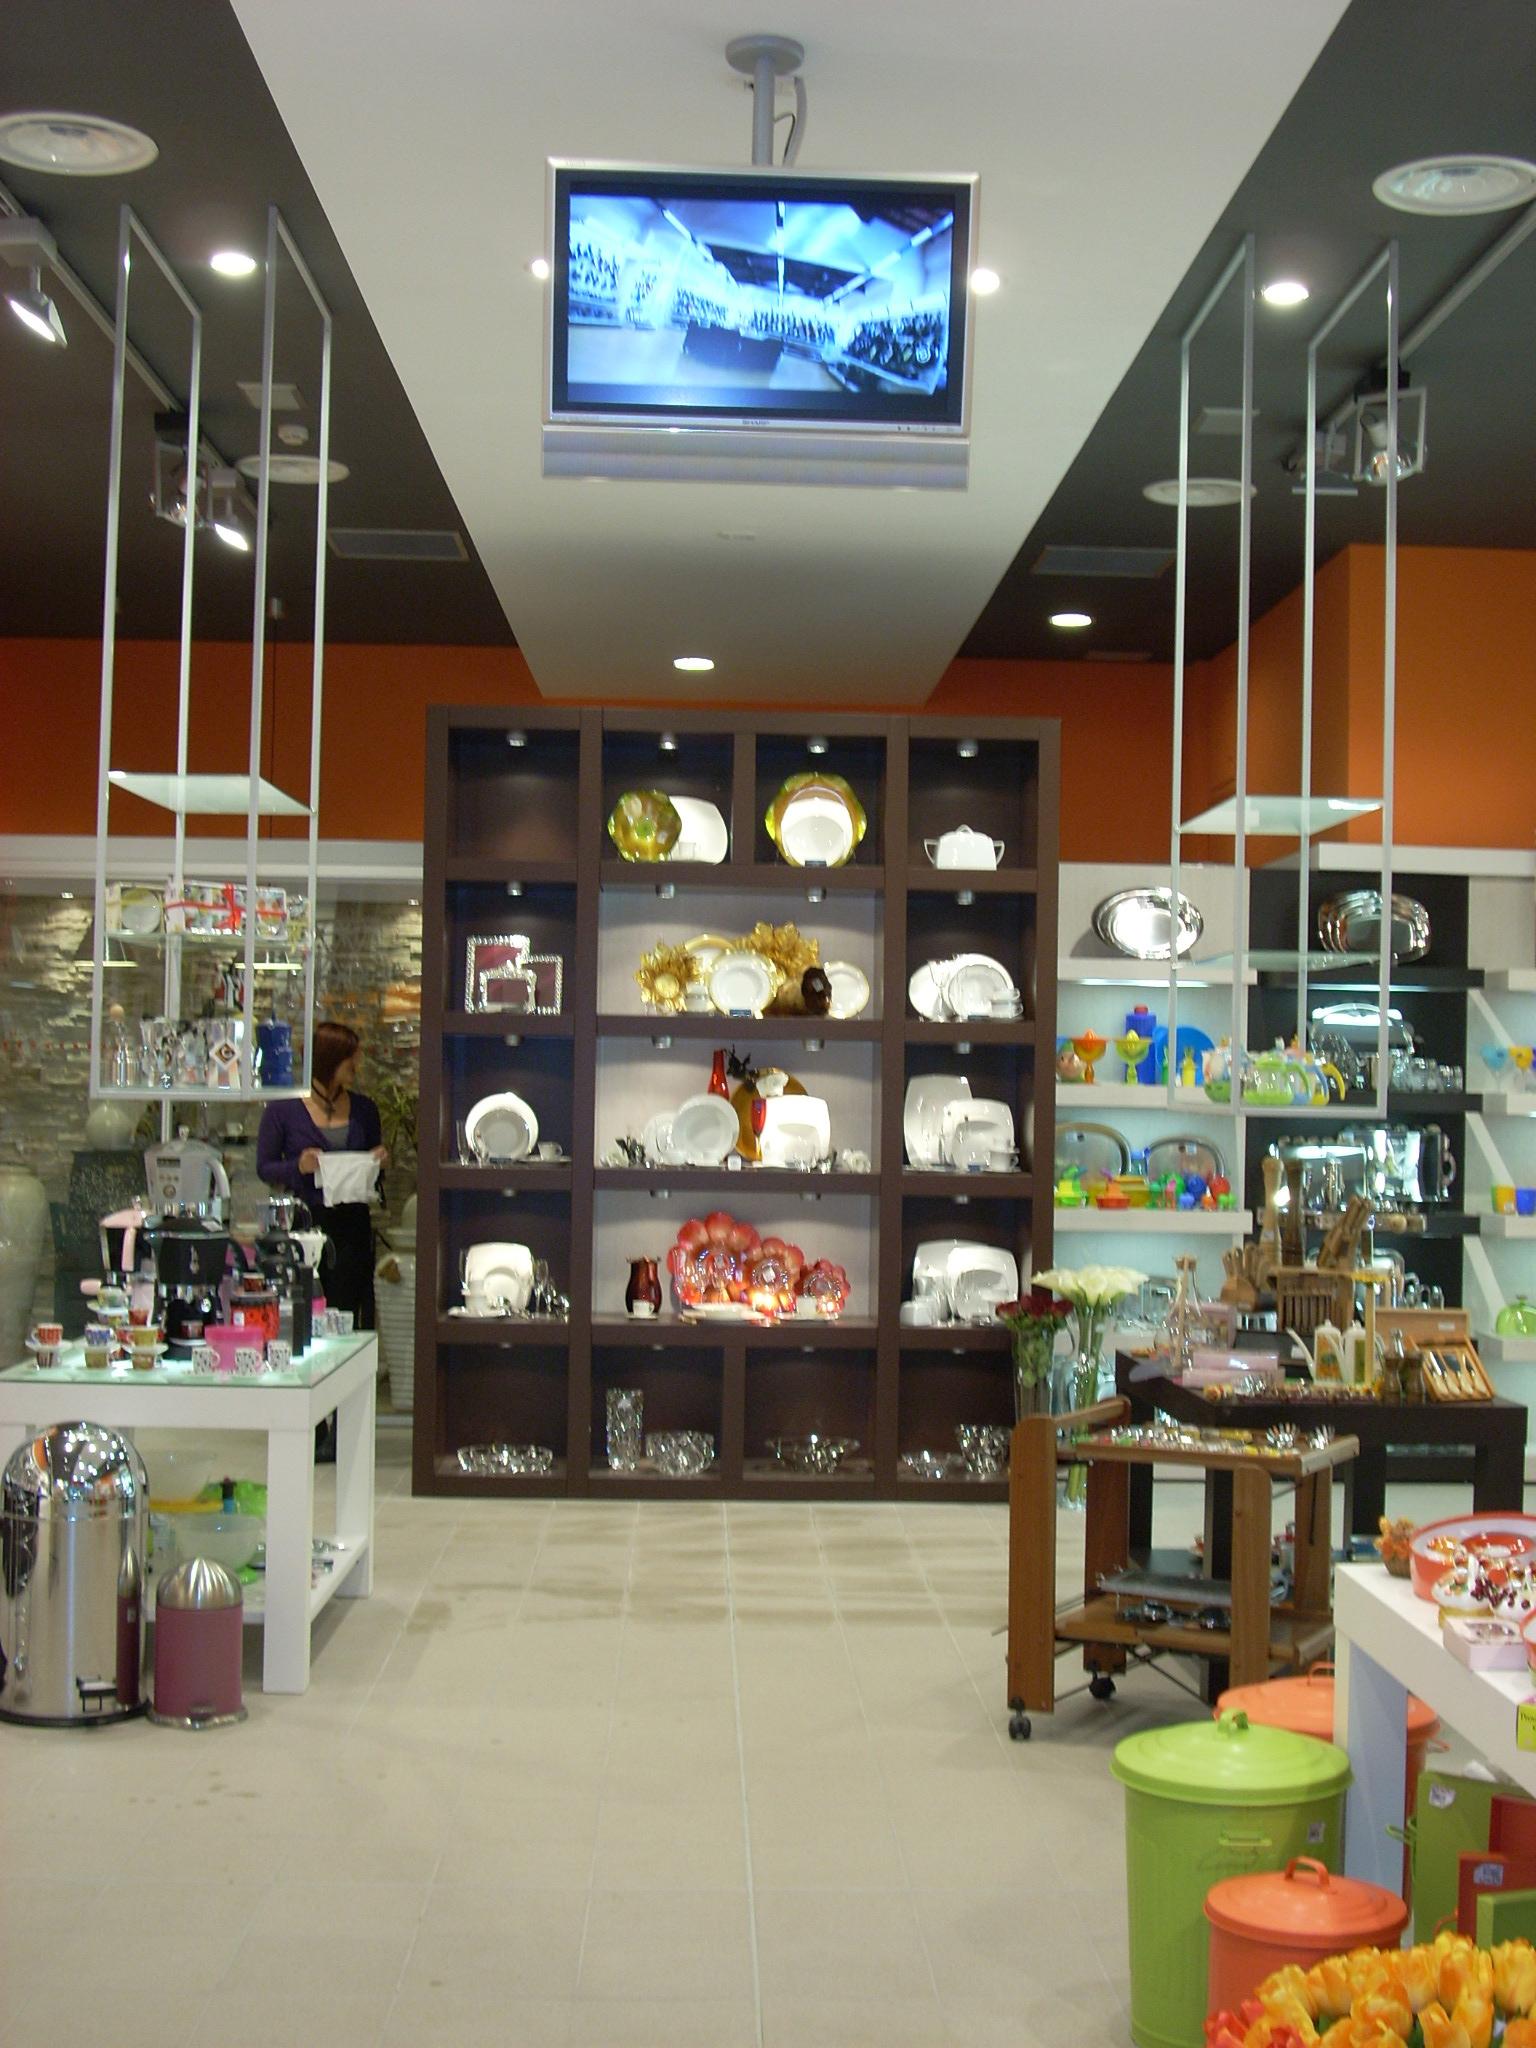 Negozio Articoli Cake Design Torino : Arreda Negozi Shop. Parte Makeup Per Negozio Di Accessori ...